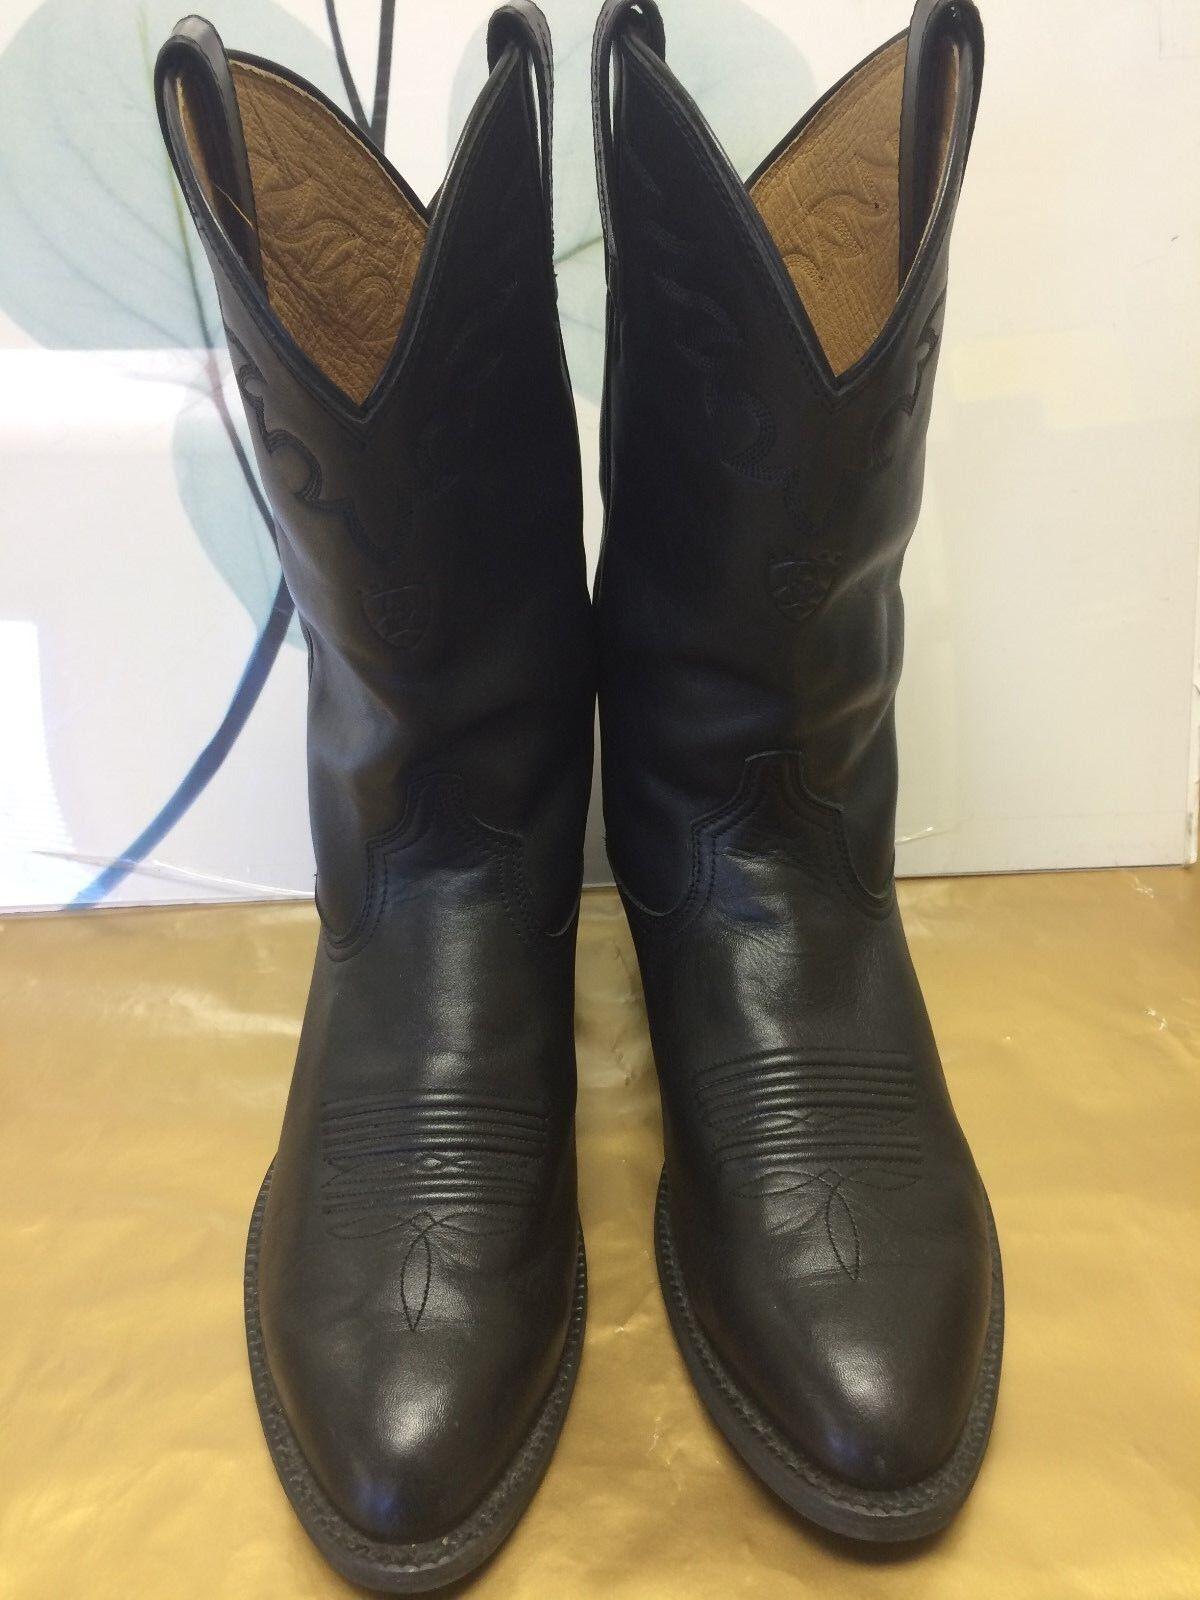 Ariat Negro Cuero Occidental botas De Vaquero 34601 para hombre 10.5